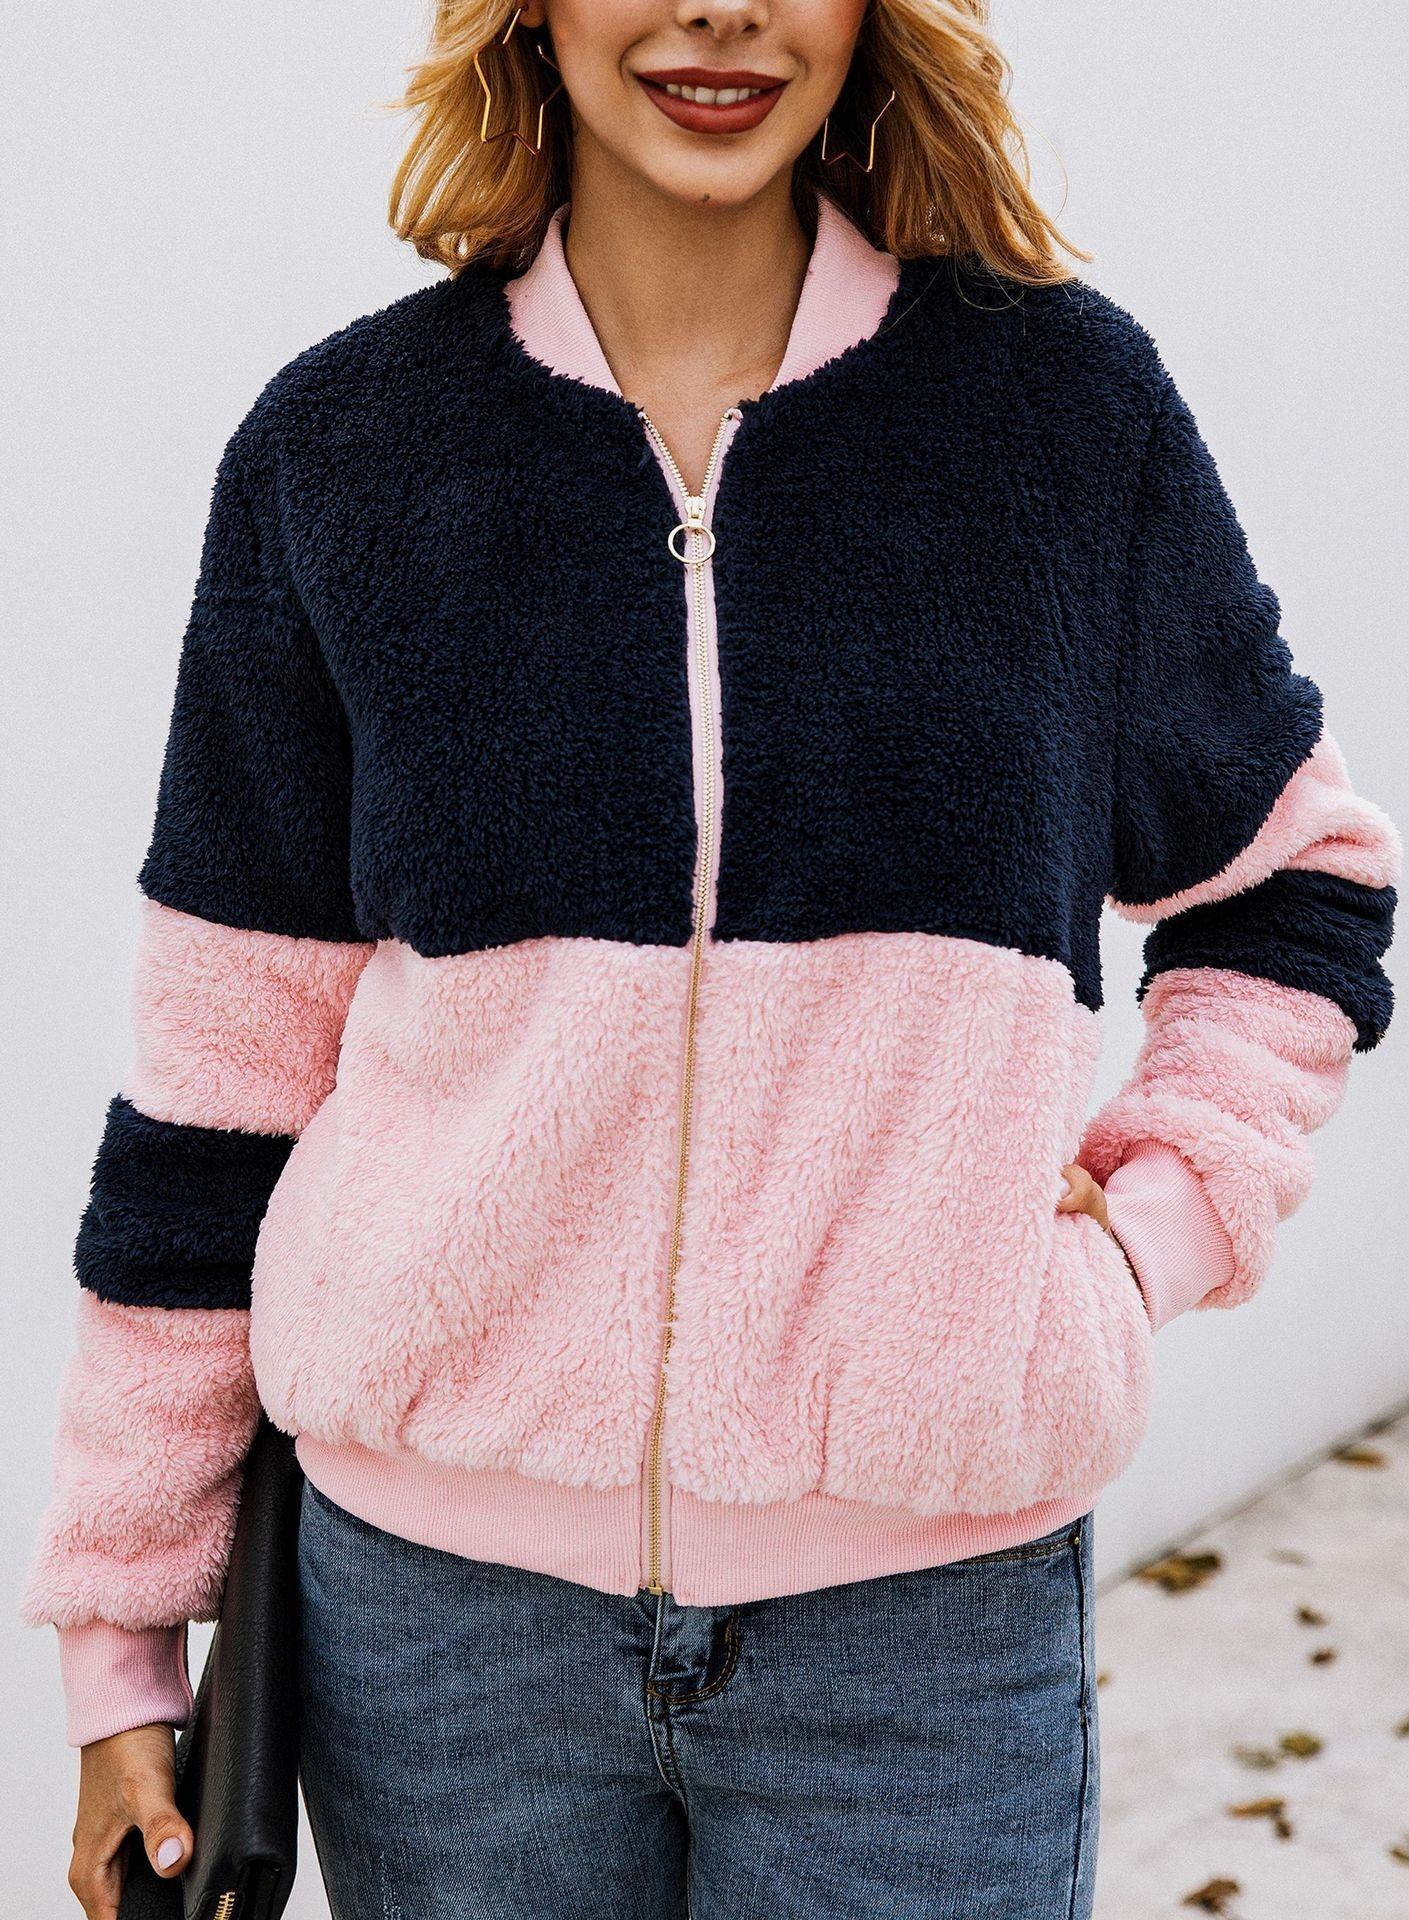 YHGHt 2020 осень топ Top свитер зимней моды шить карман на молнии женщин и плюшевых свитер 900049